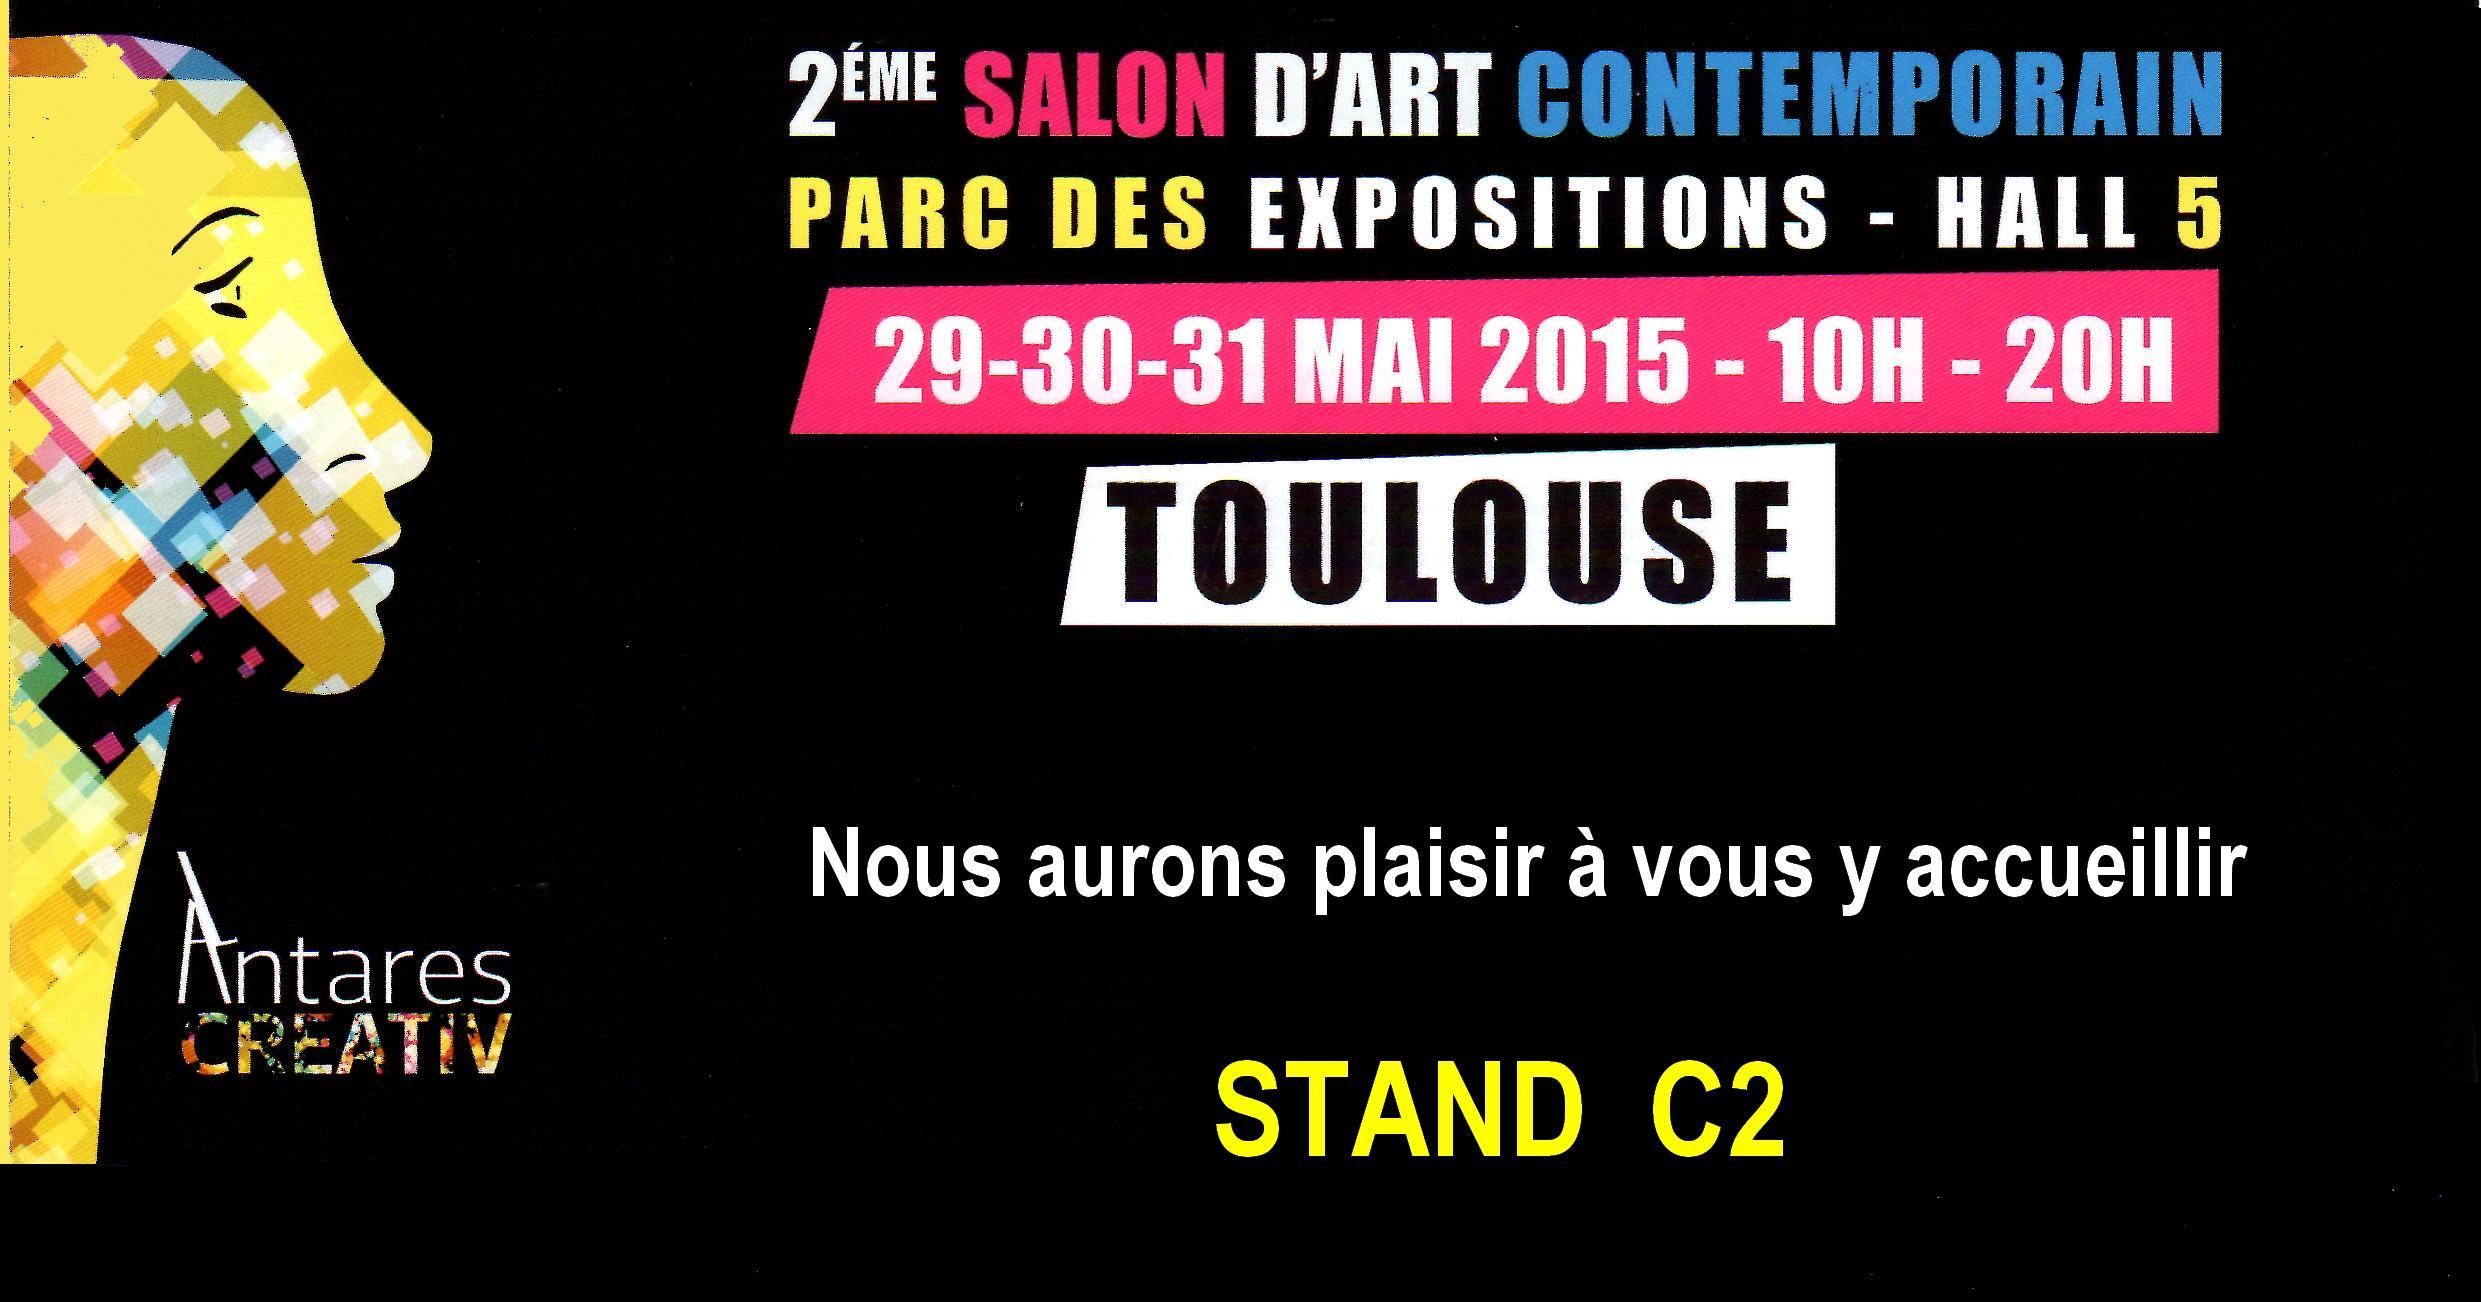 Actualité de   HEIM Marine et HIBON Monique SALON D' ART CONTEMPORAIN TOULOUSE  2015